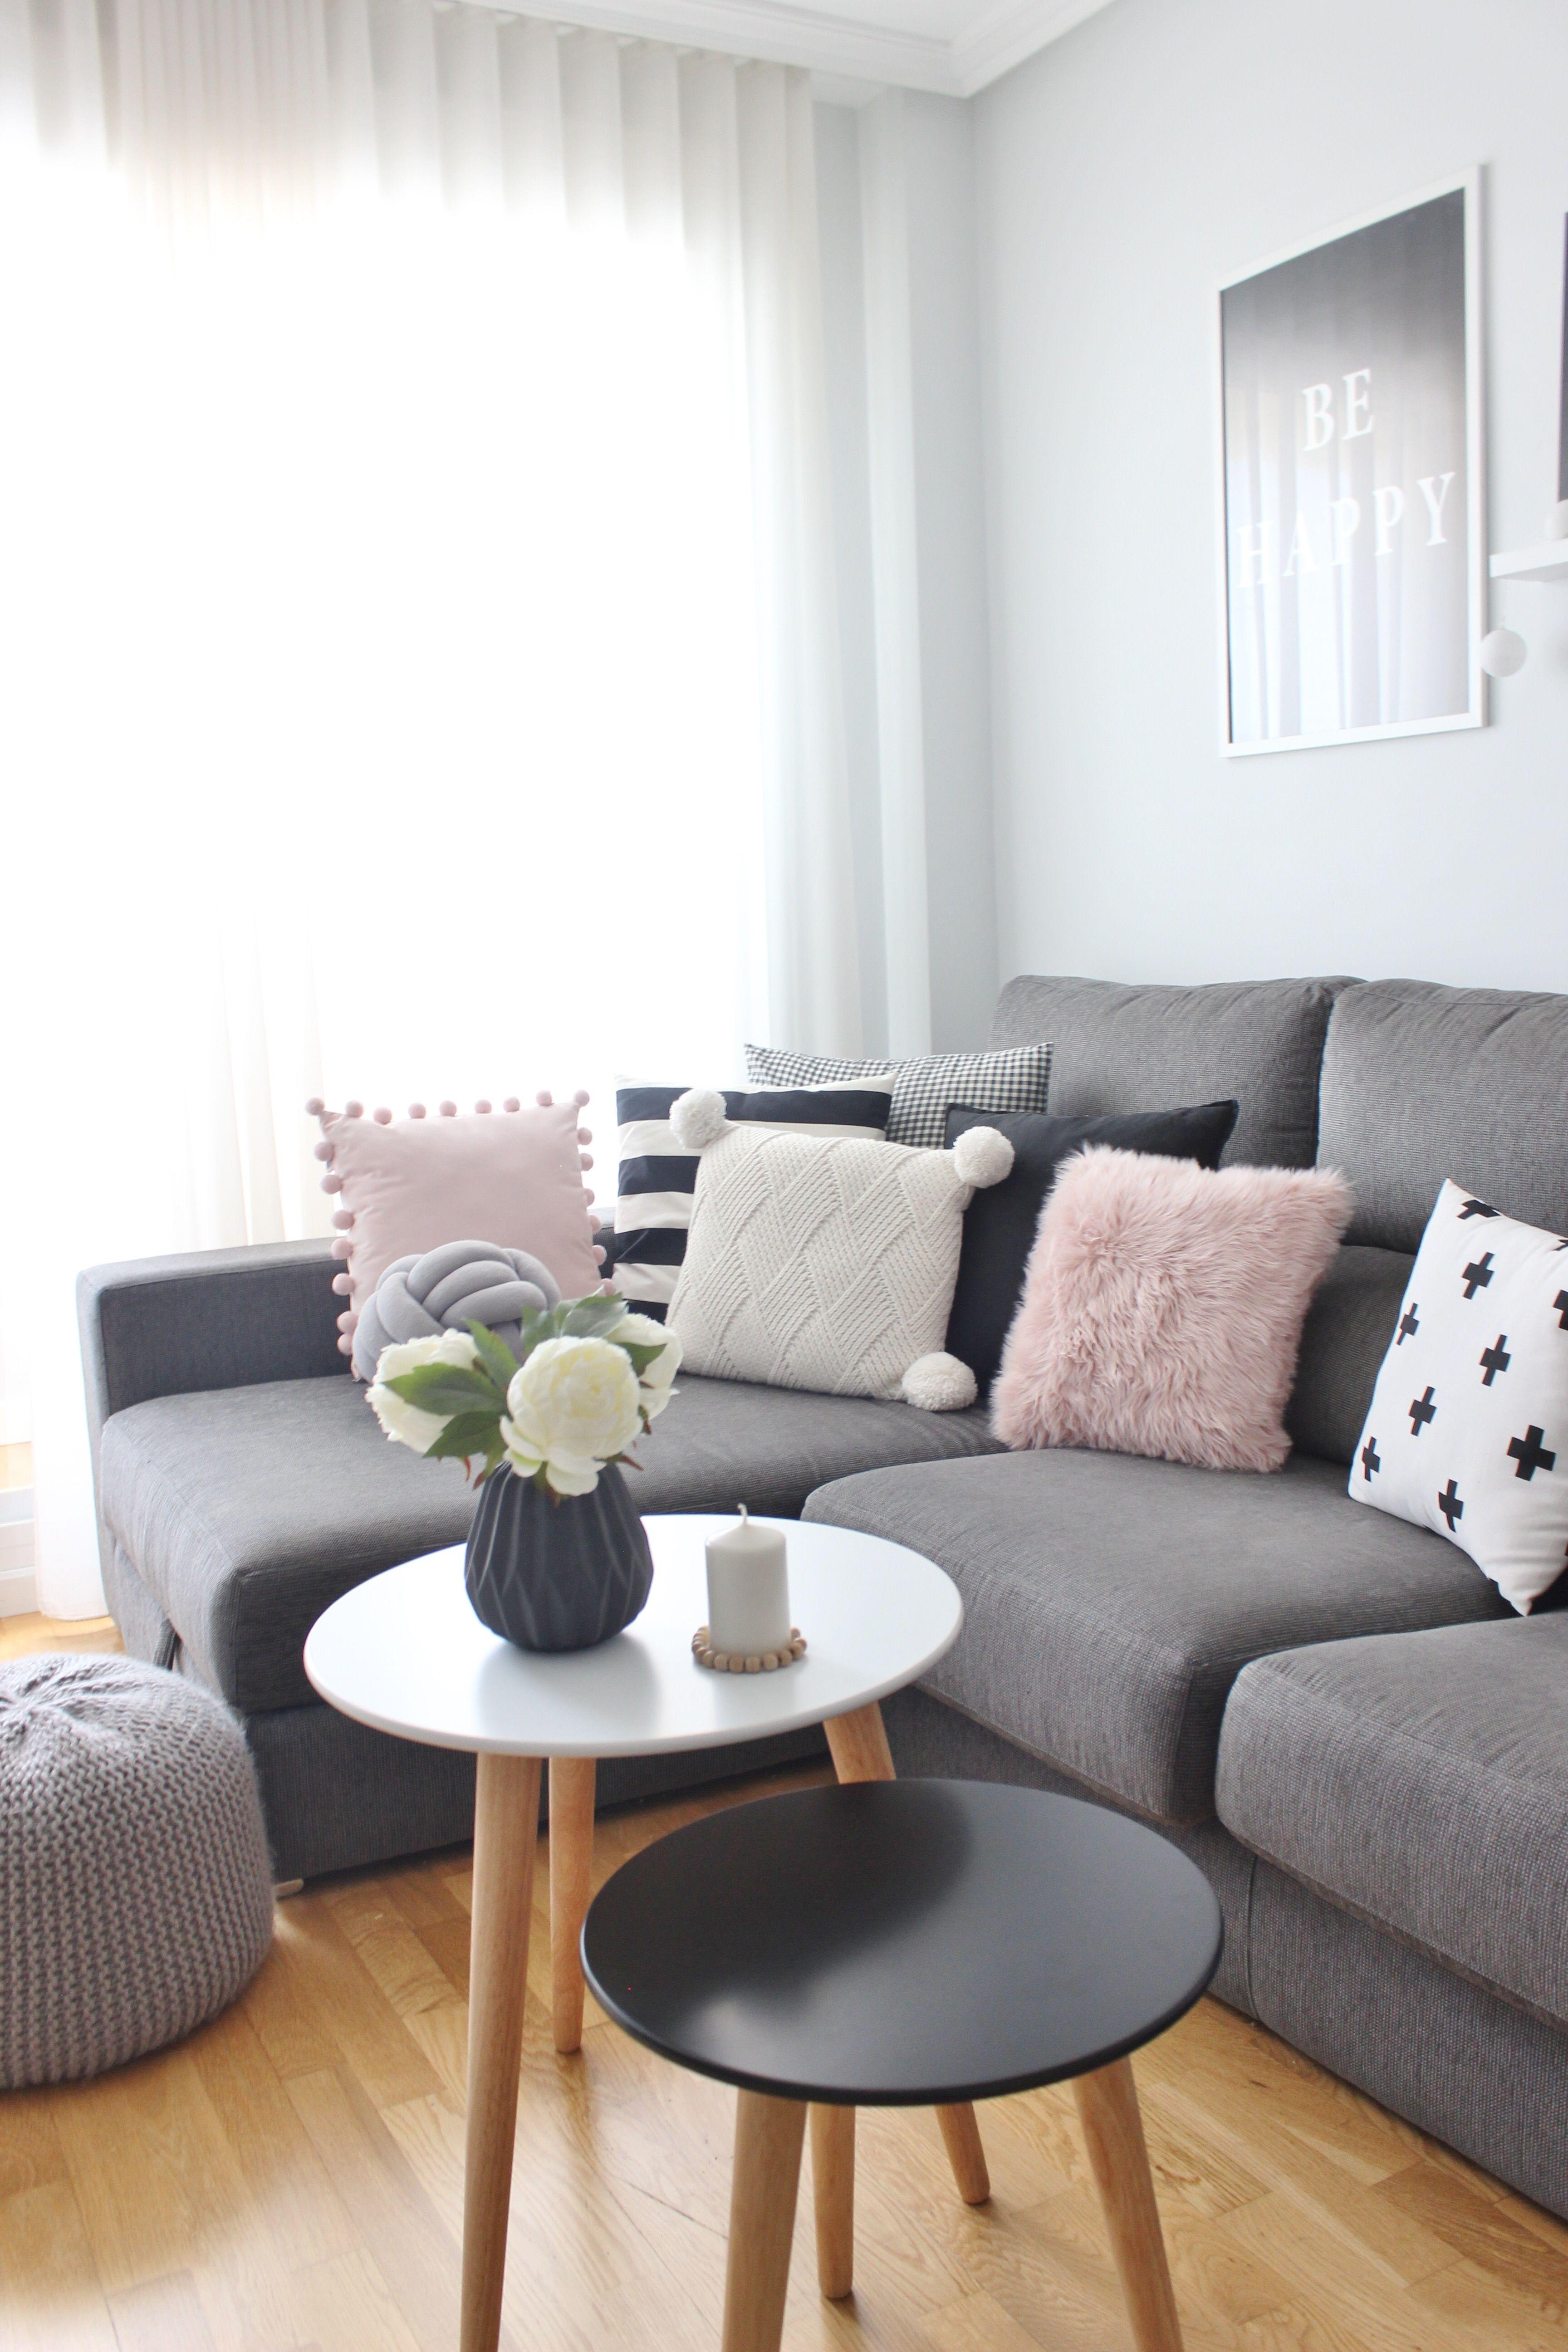 instagram @laura.e.sanz | inneneinrichtung, wohnzimmer